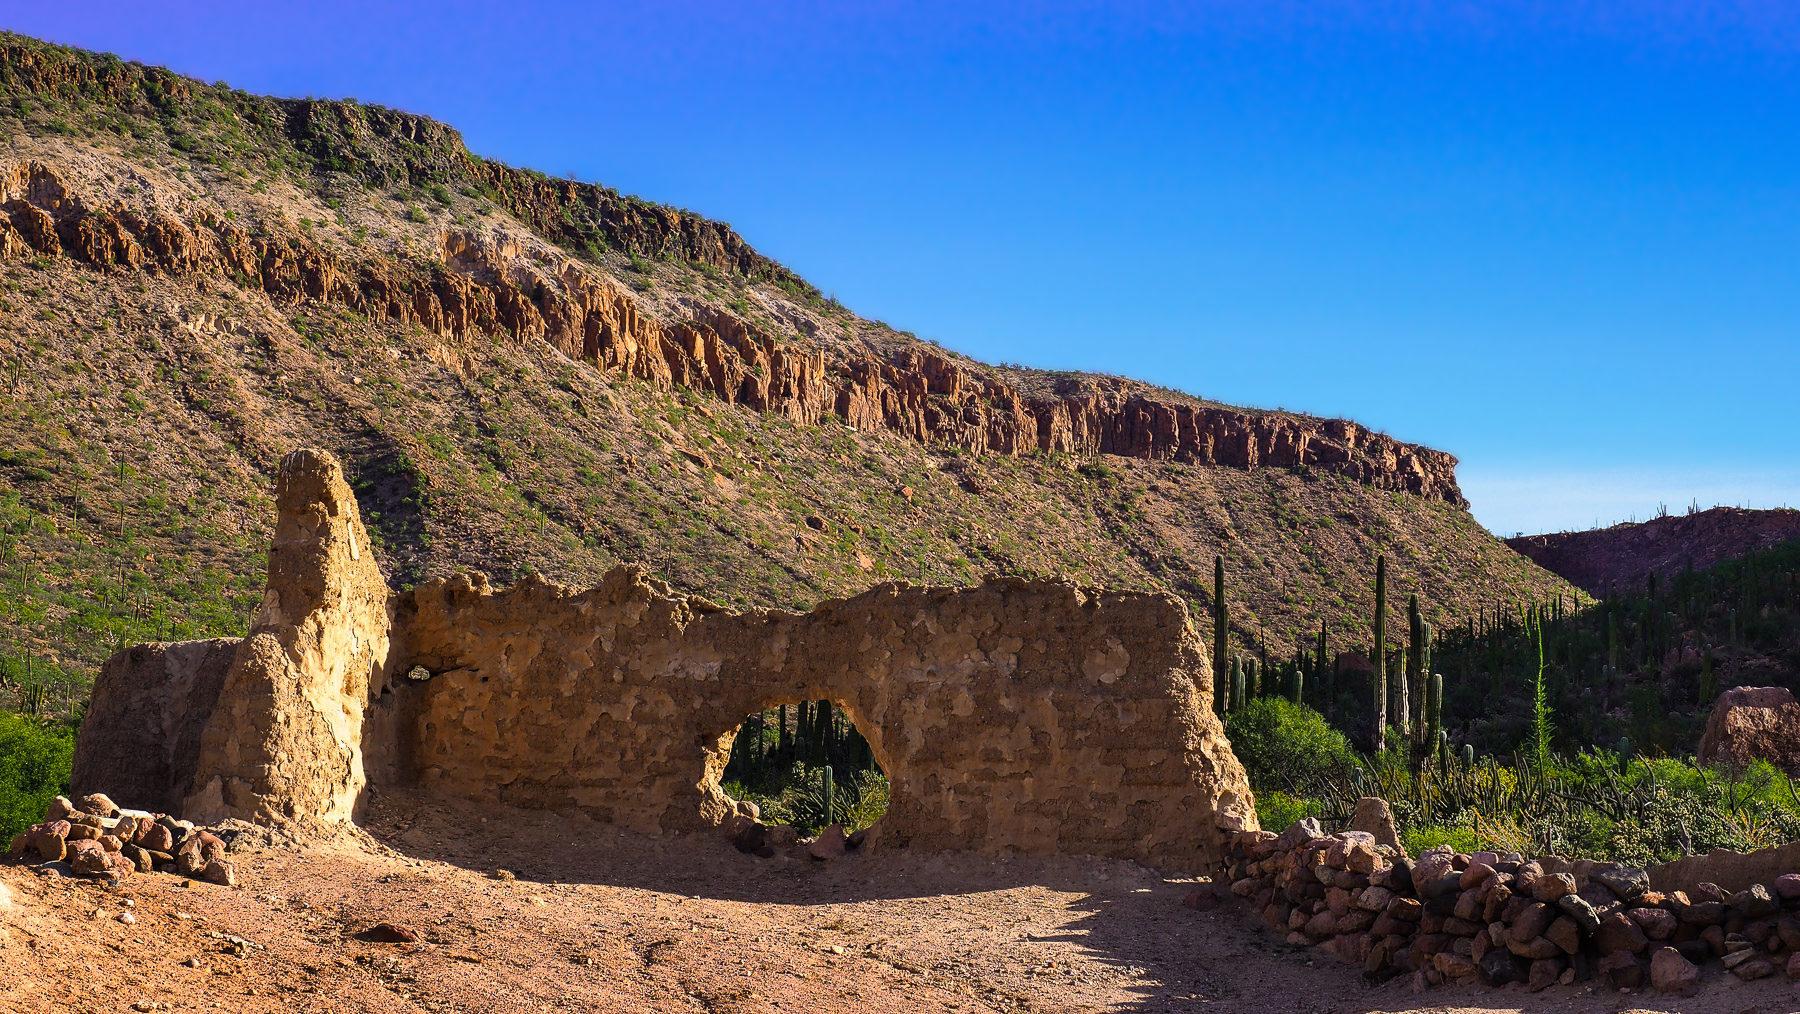 Die Reste der ersten Mission aus dem 17ten Jahrhundert